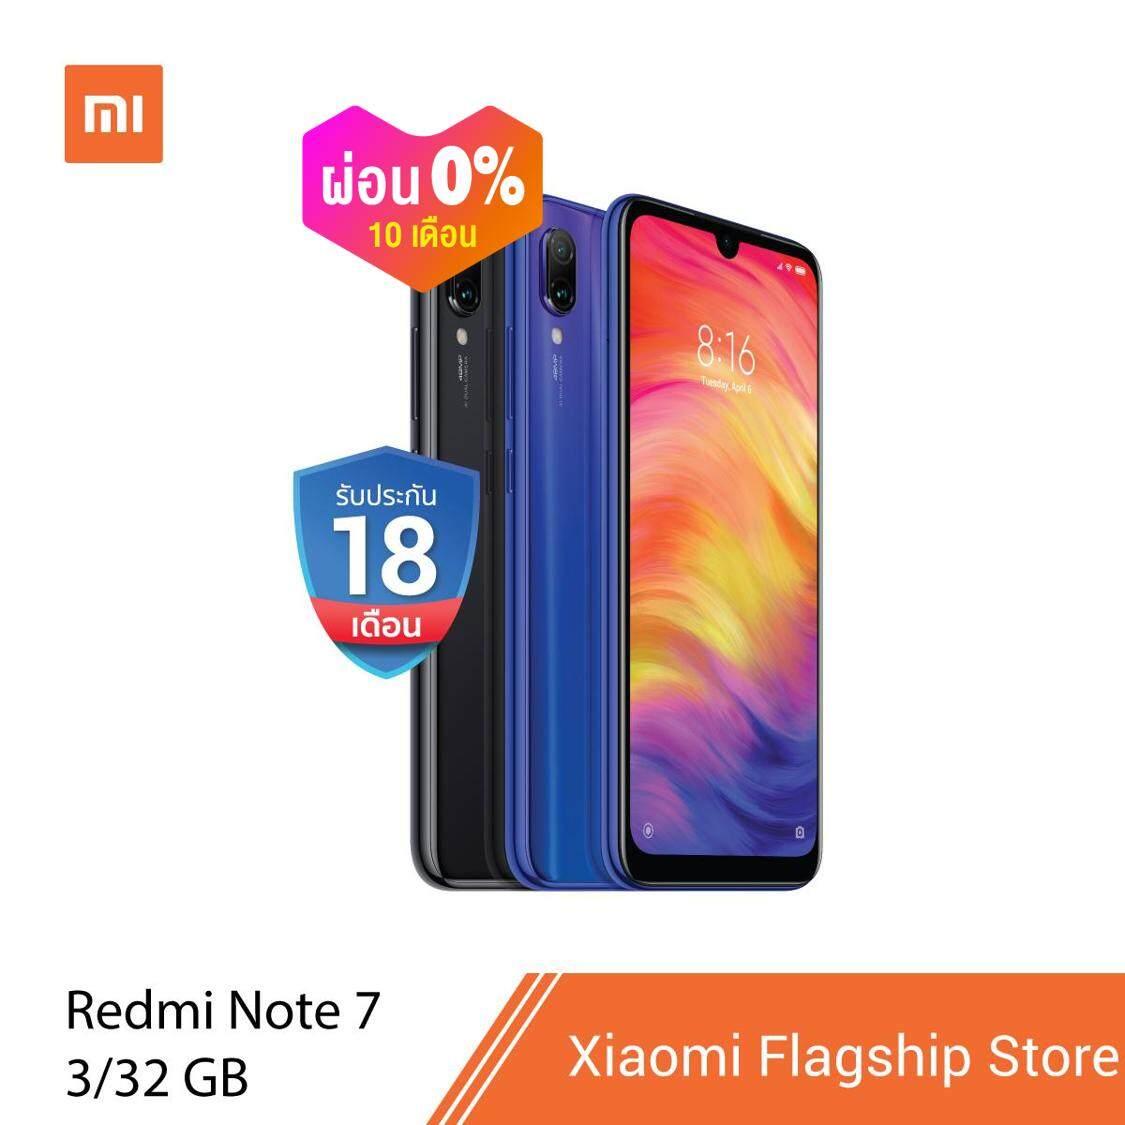 ยี่ห้อนี้ดีไหม  สิงห์บุรี Xiaomi Redmi Note 7 3/32GB